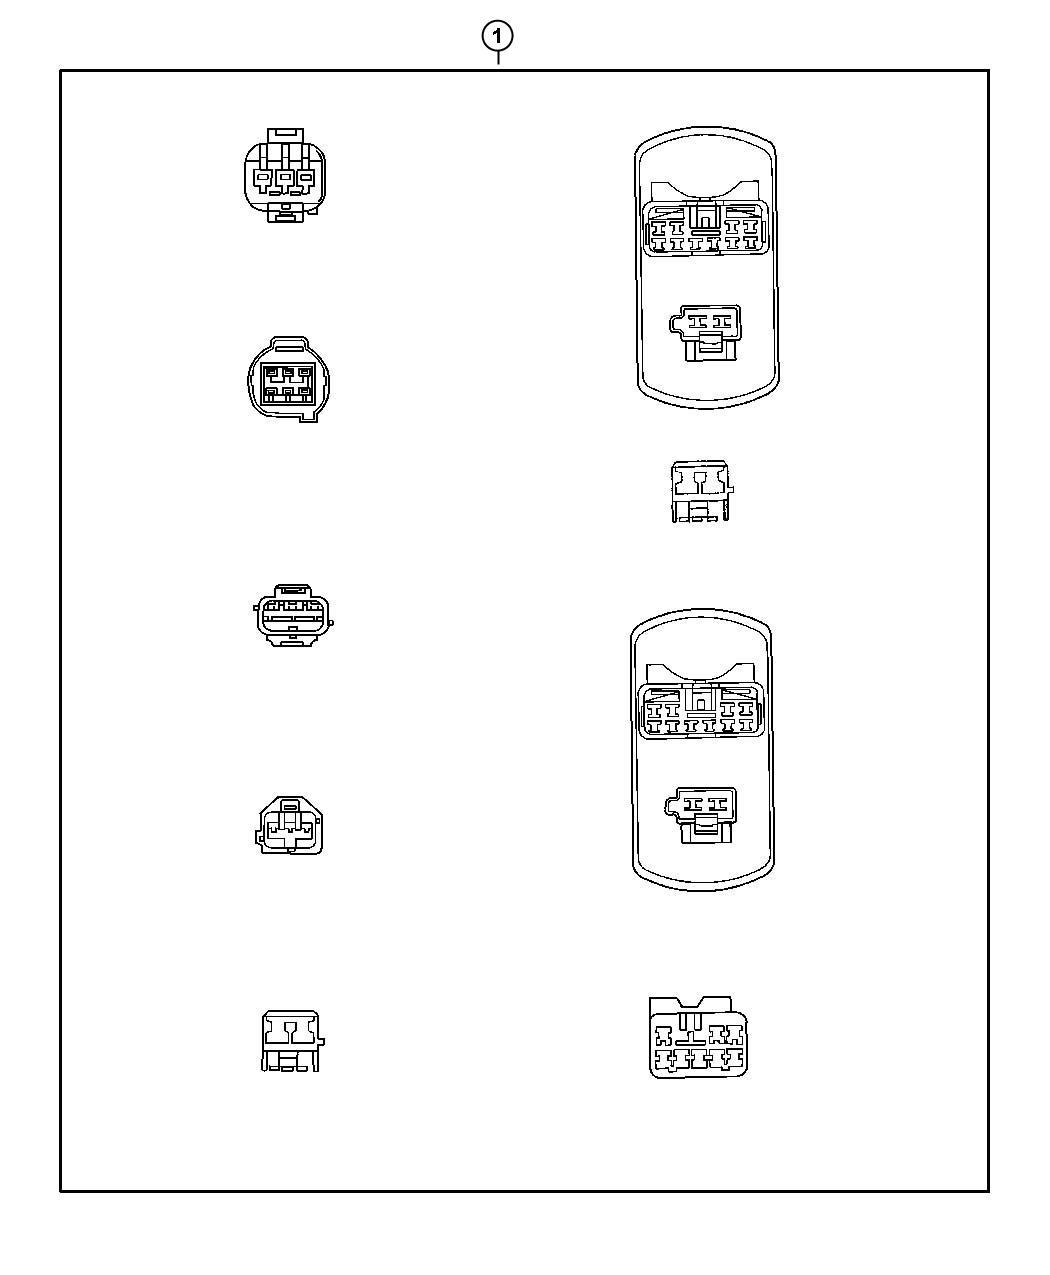 [DIAGRAM] Sterring Colllumn Wiring Diagram Chrysler FULL